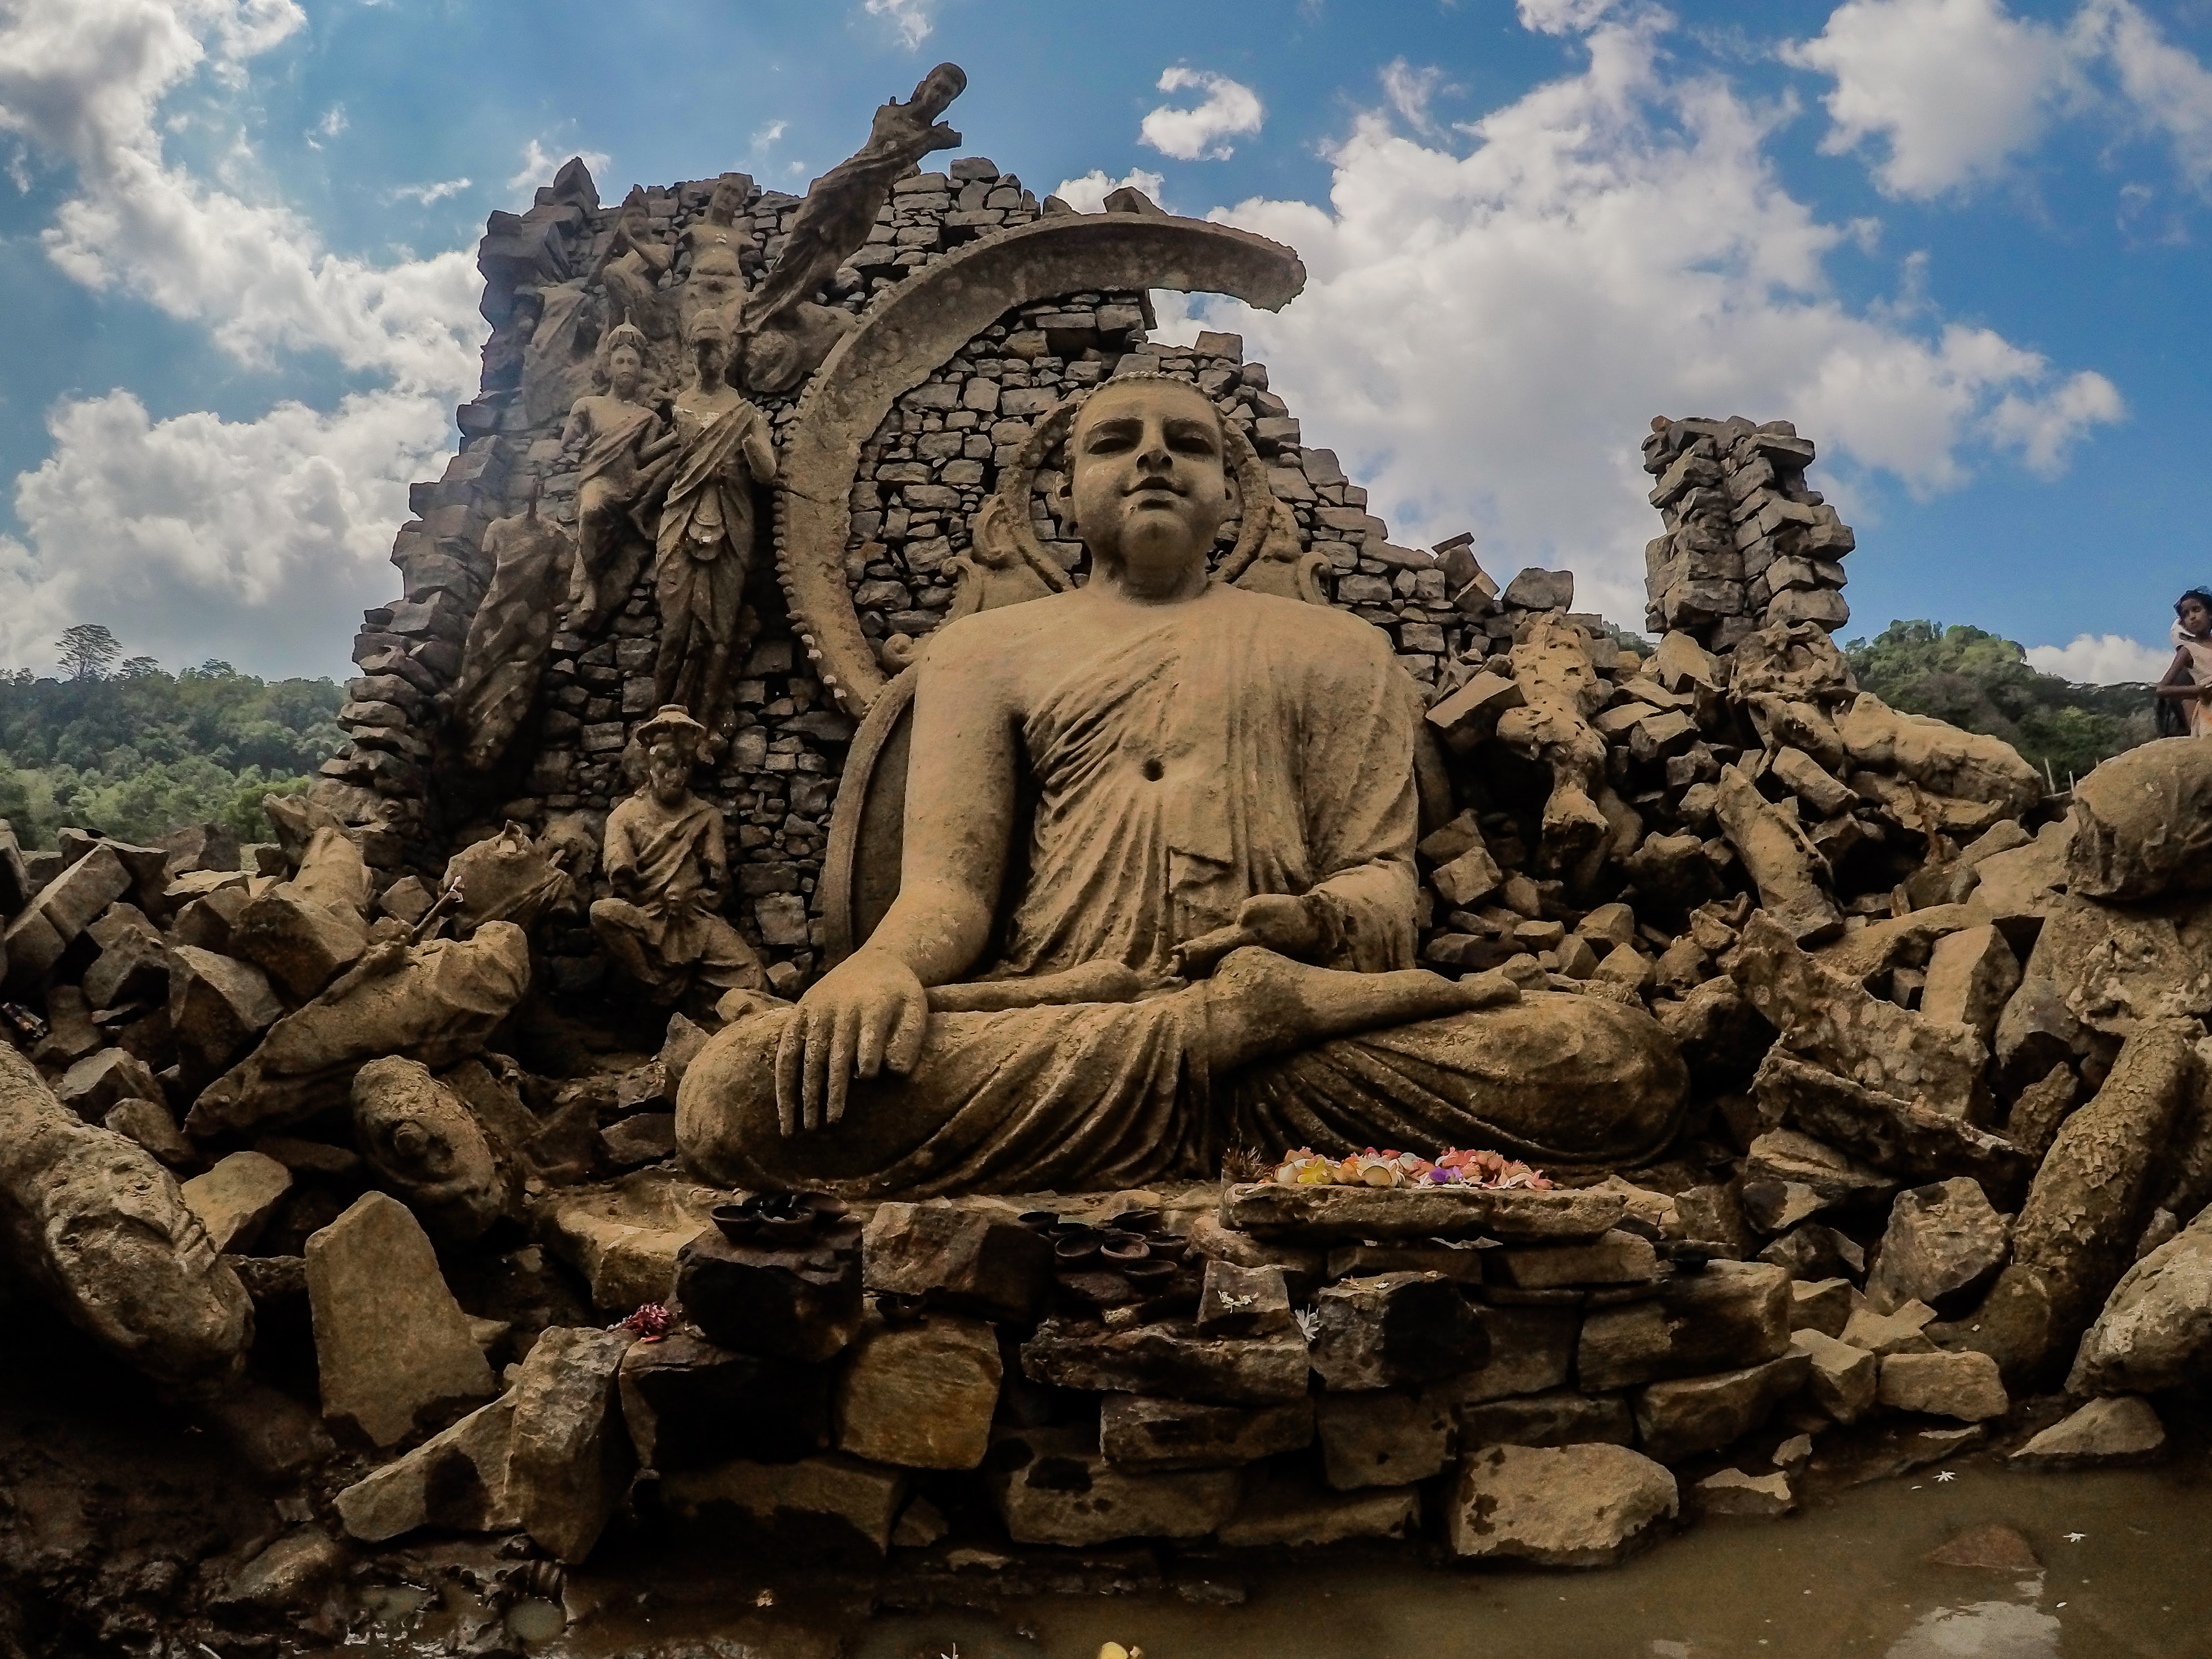 Buddha Statue at Nuwara Eliya in Sri Lanka